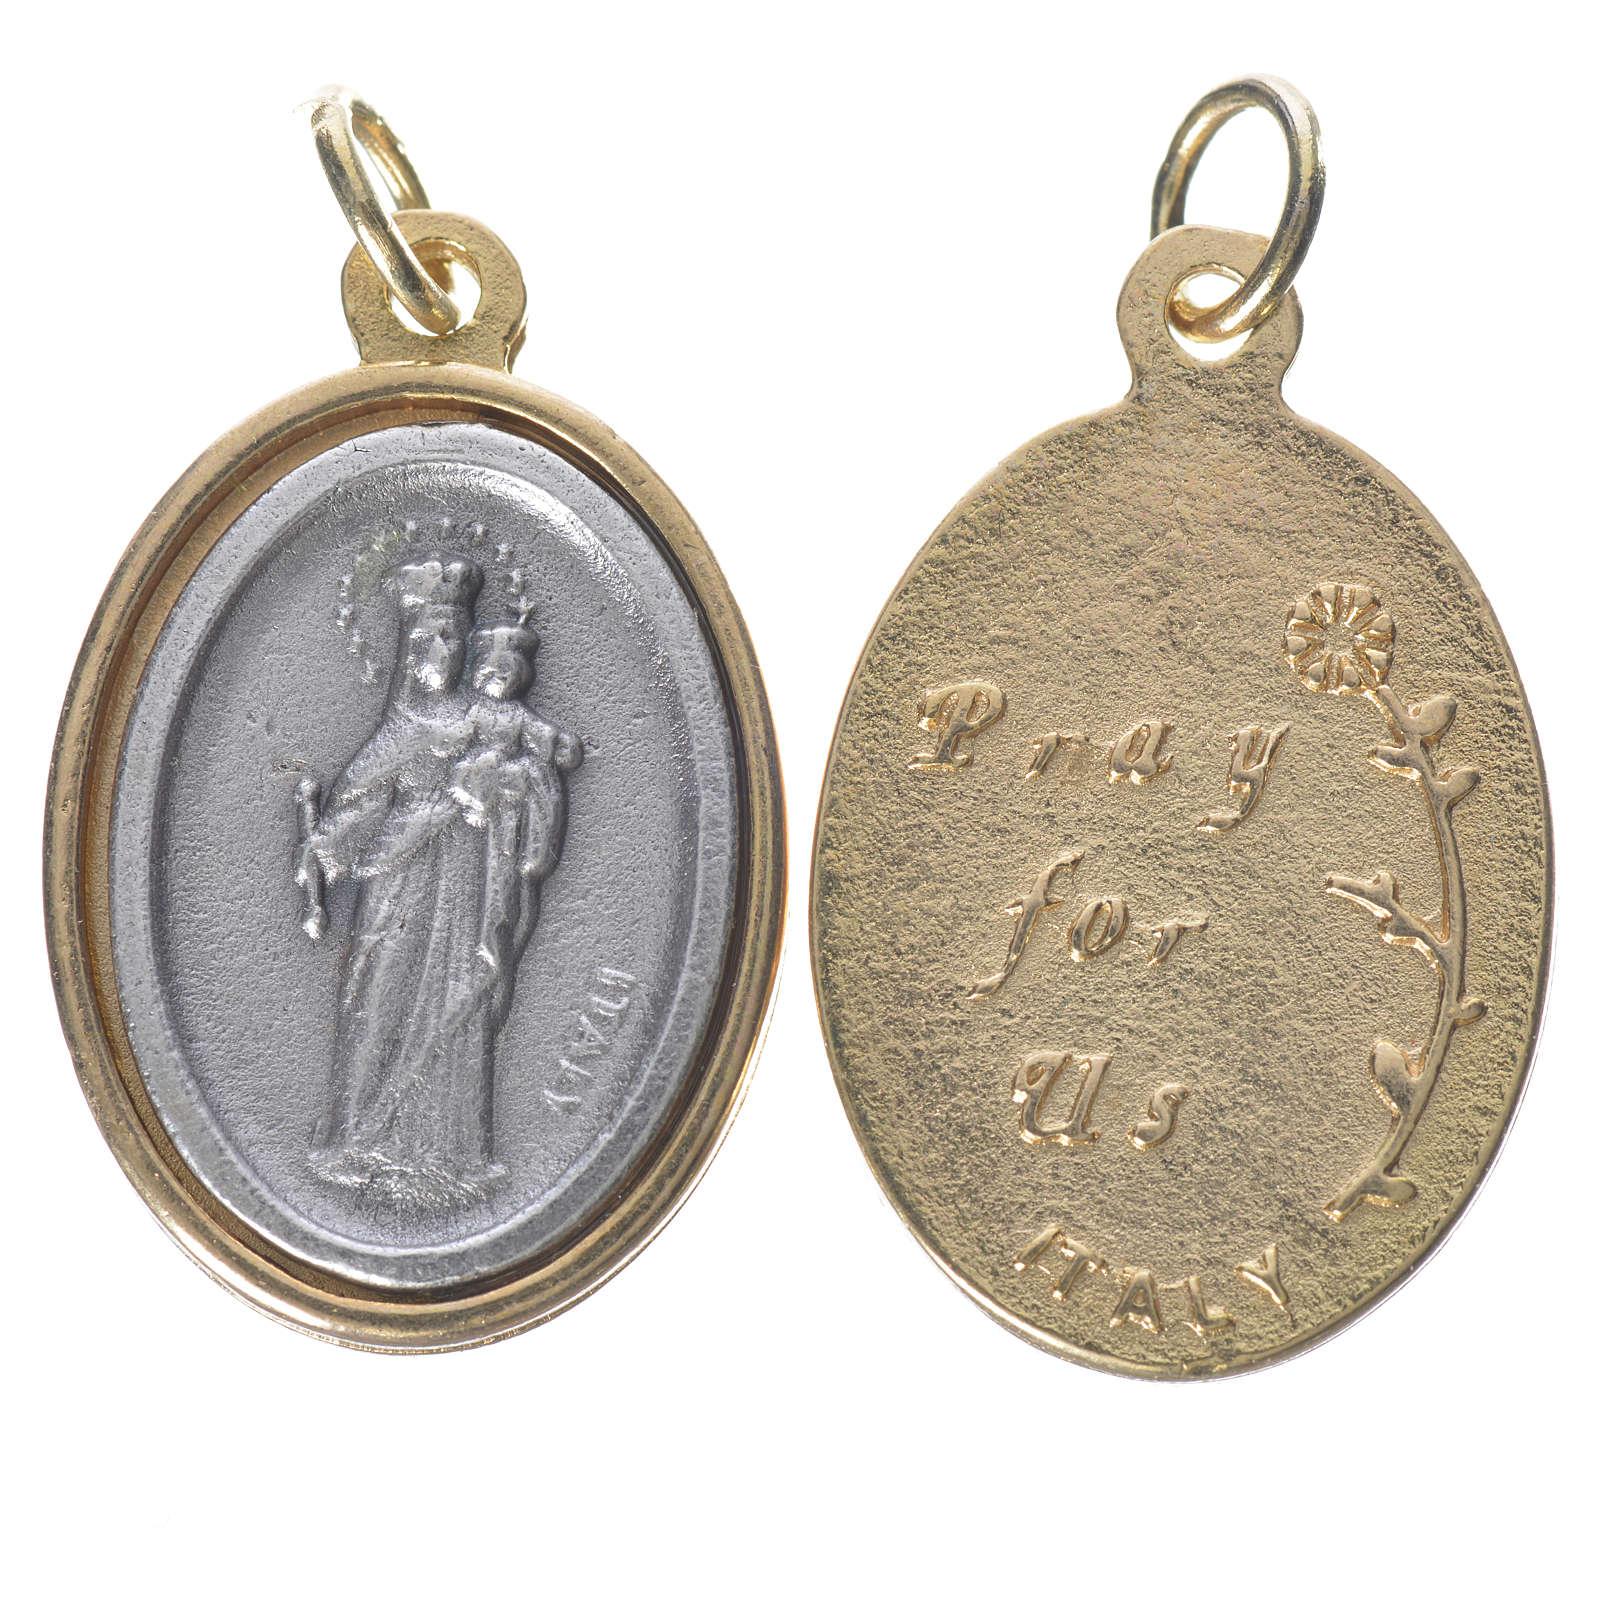 Medaglia Ausiliatrice metallo dorata argentata 2,5cm 4